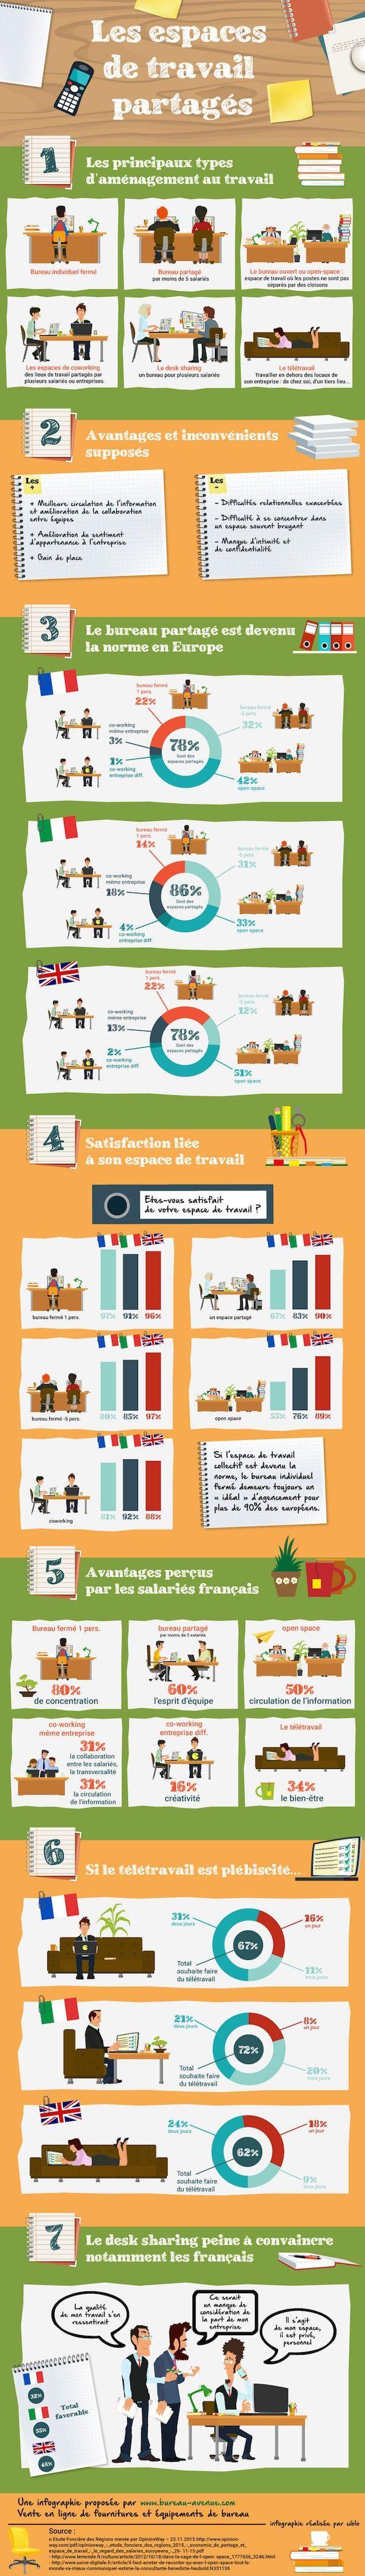 #infographie La Minute RH Comment sont perçus les espaces de travail partagés en Europe ?